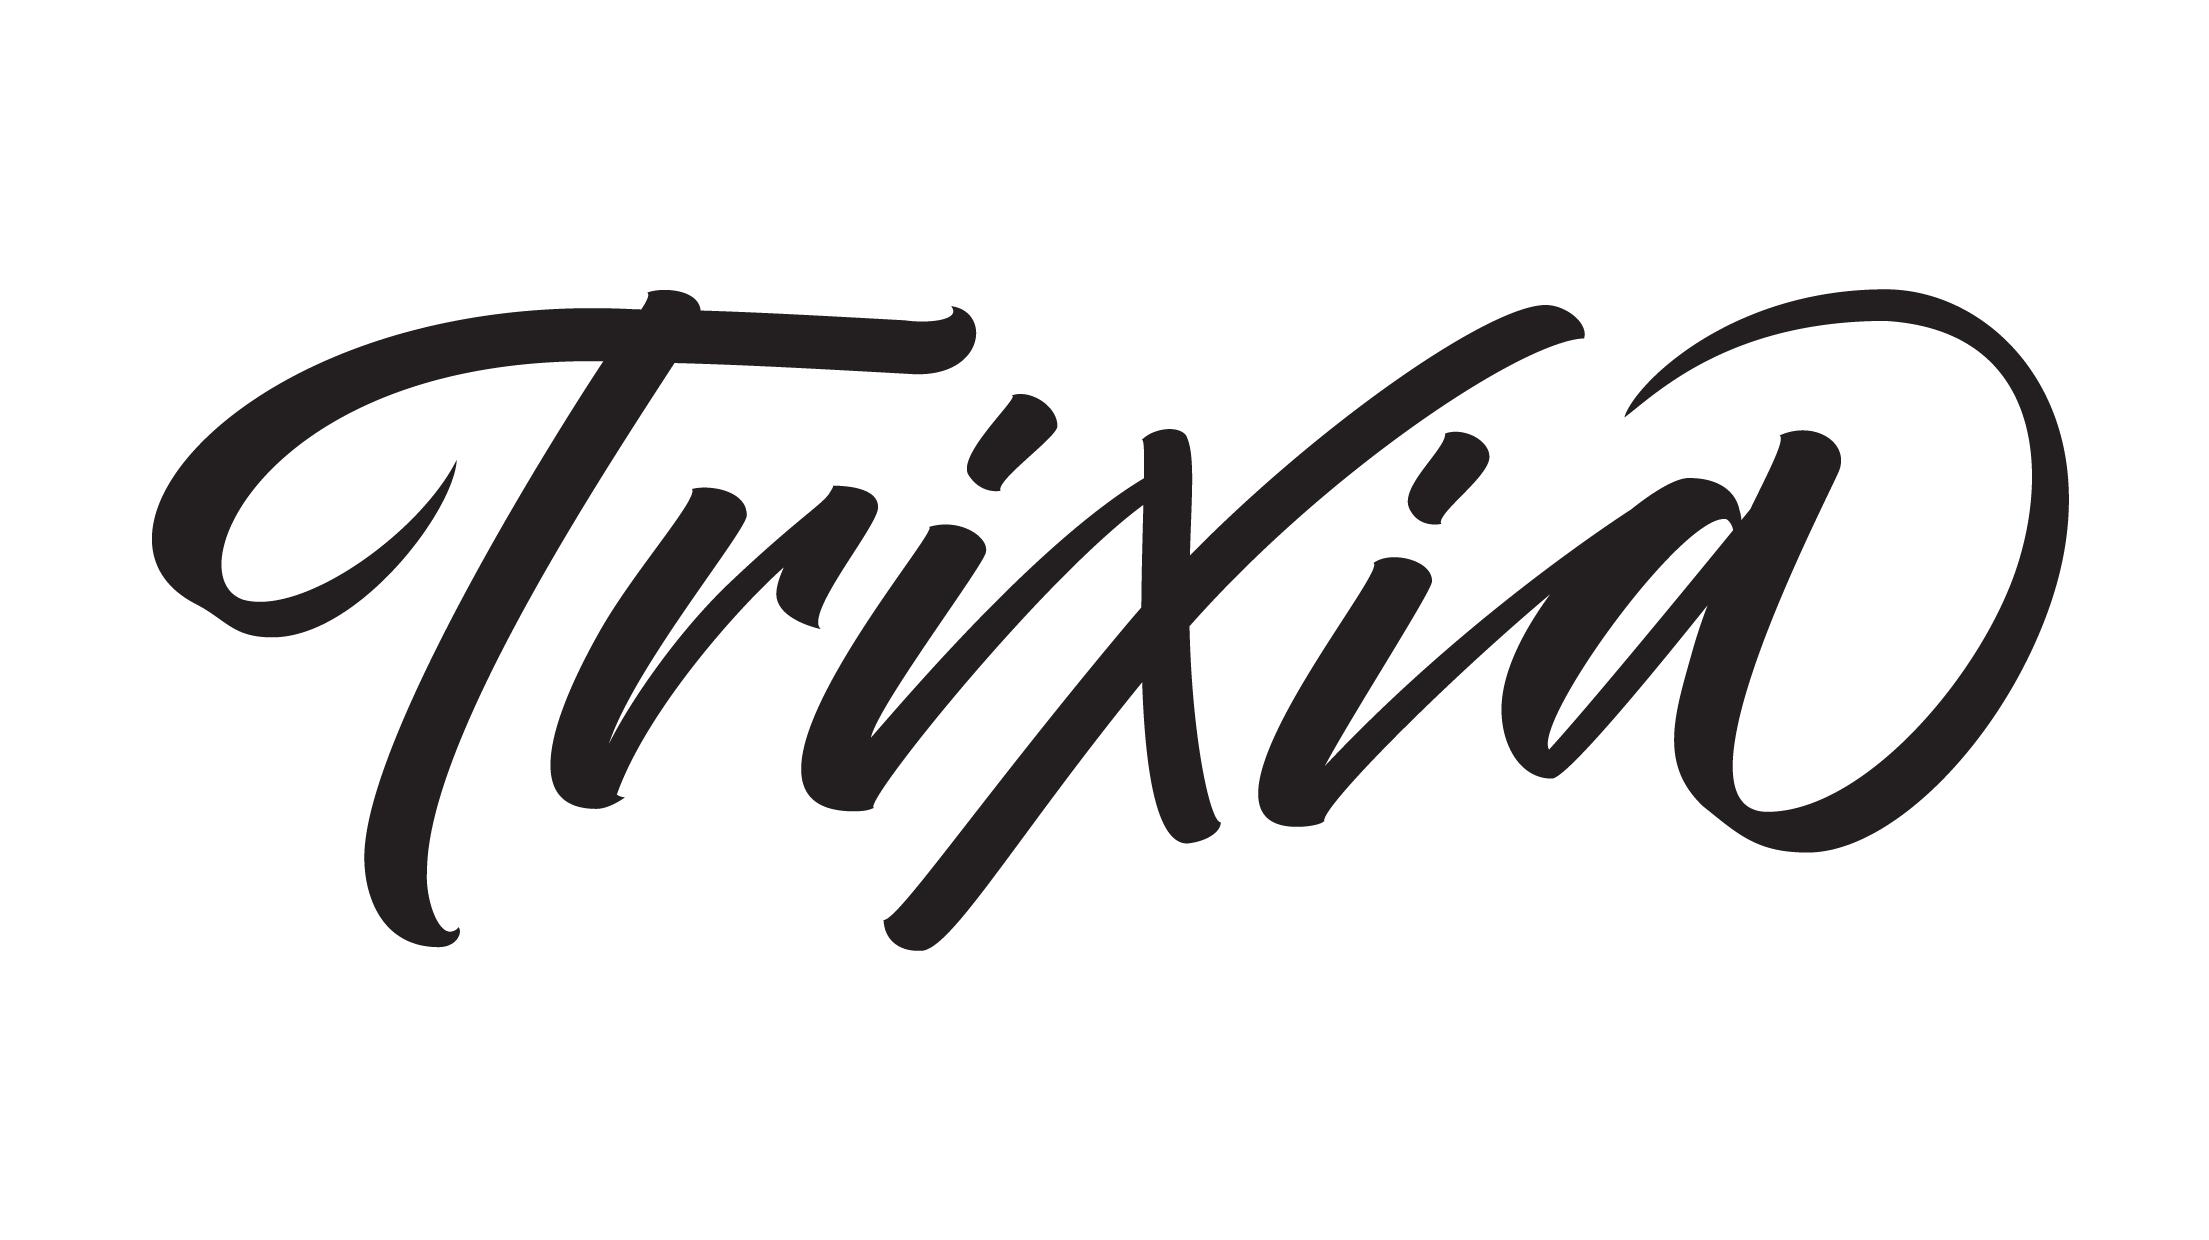 Trixia Dela Cruz